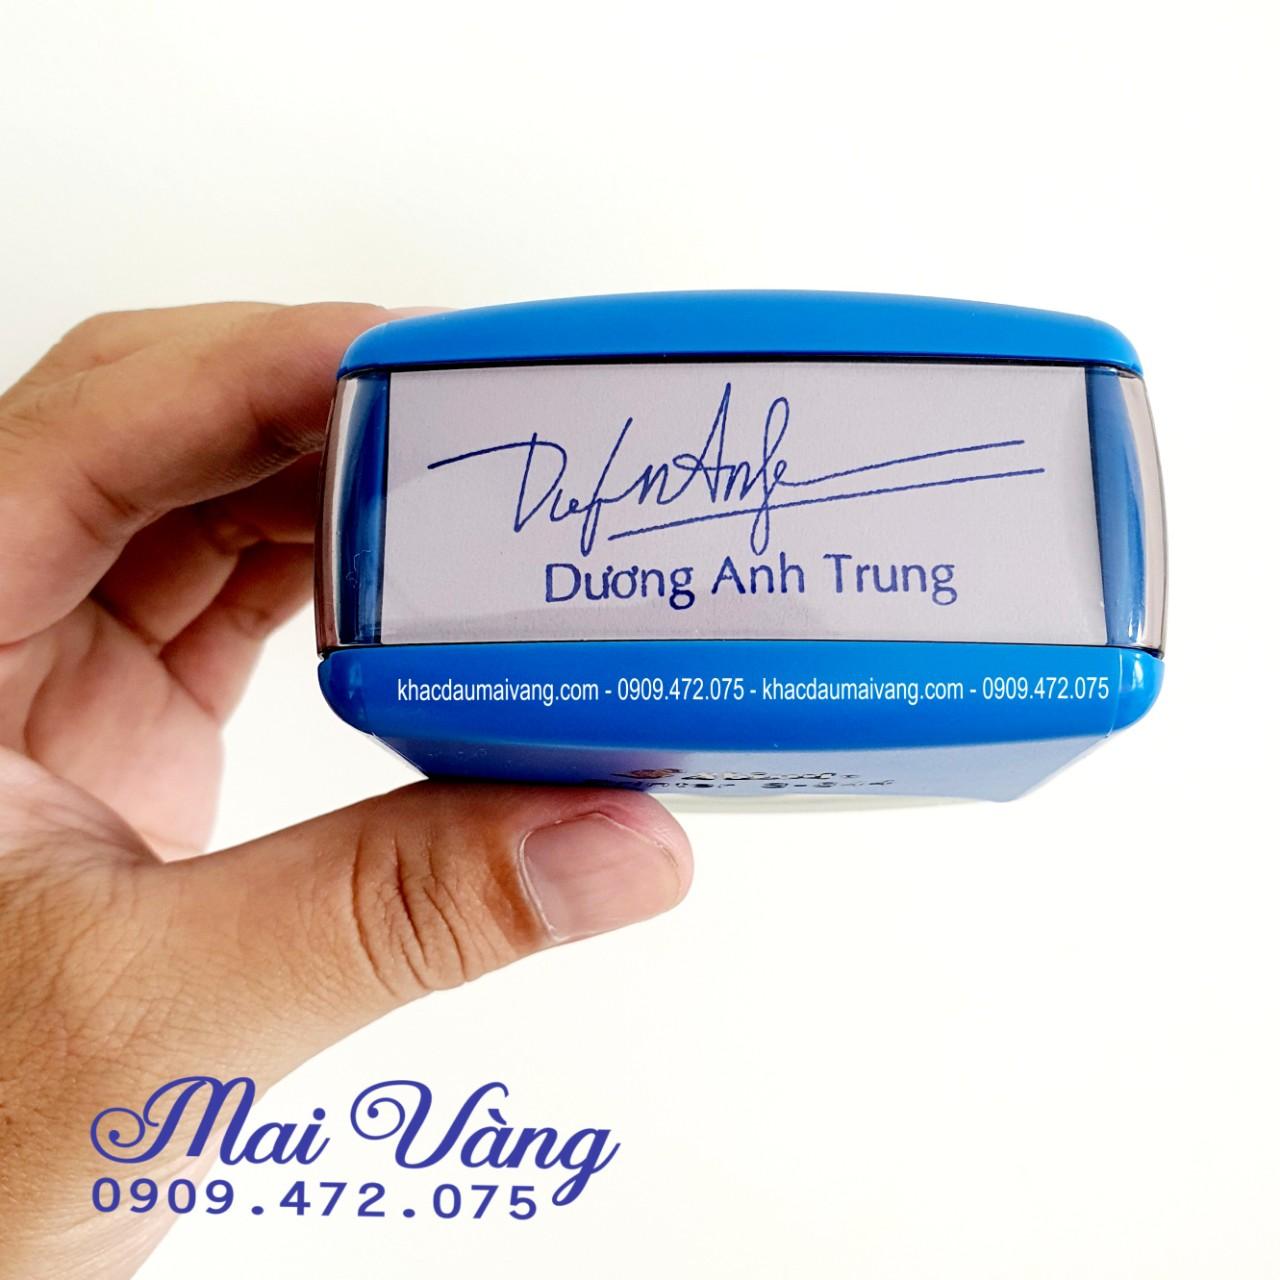 Con dấu chữ ký kèm tên chung 1 dấu khá thuận tiện, bạn chỉ cần ký chụp gửi qua cho Shop chúng tôi thiết kế phù hợp từng tên khách hàng và chữ ký